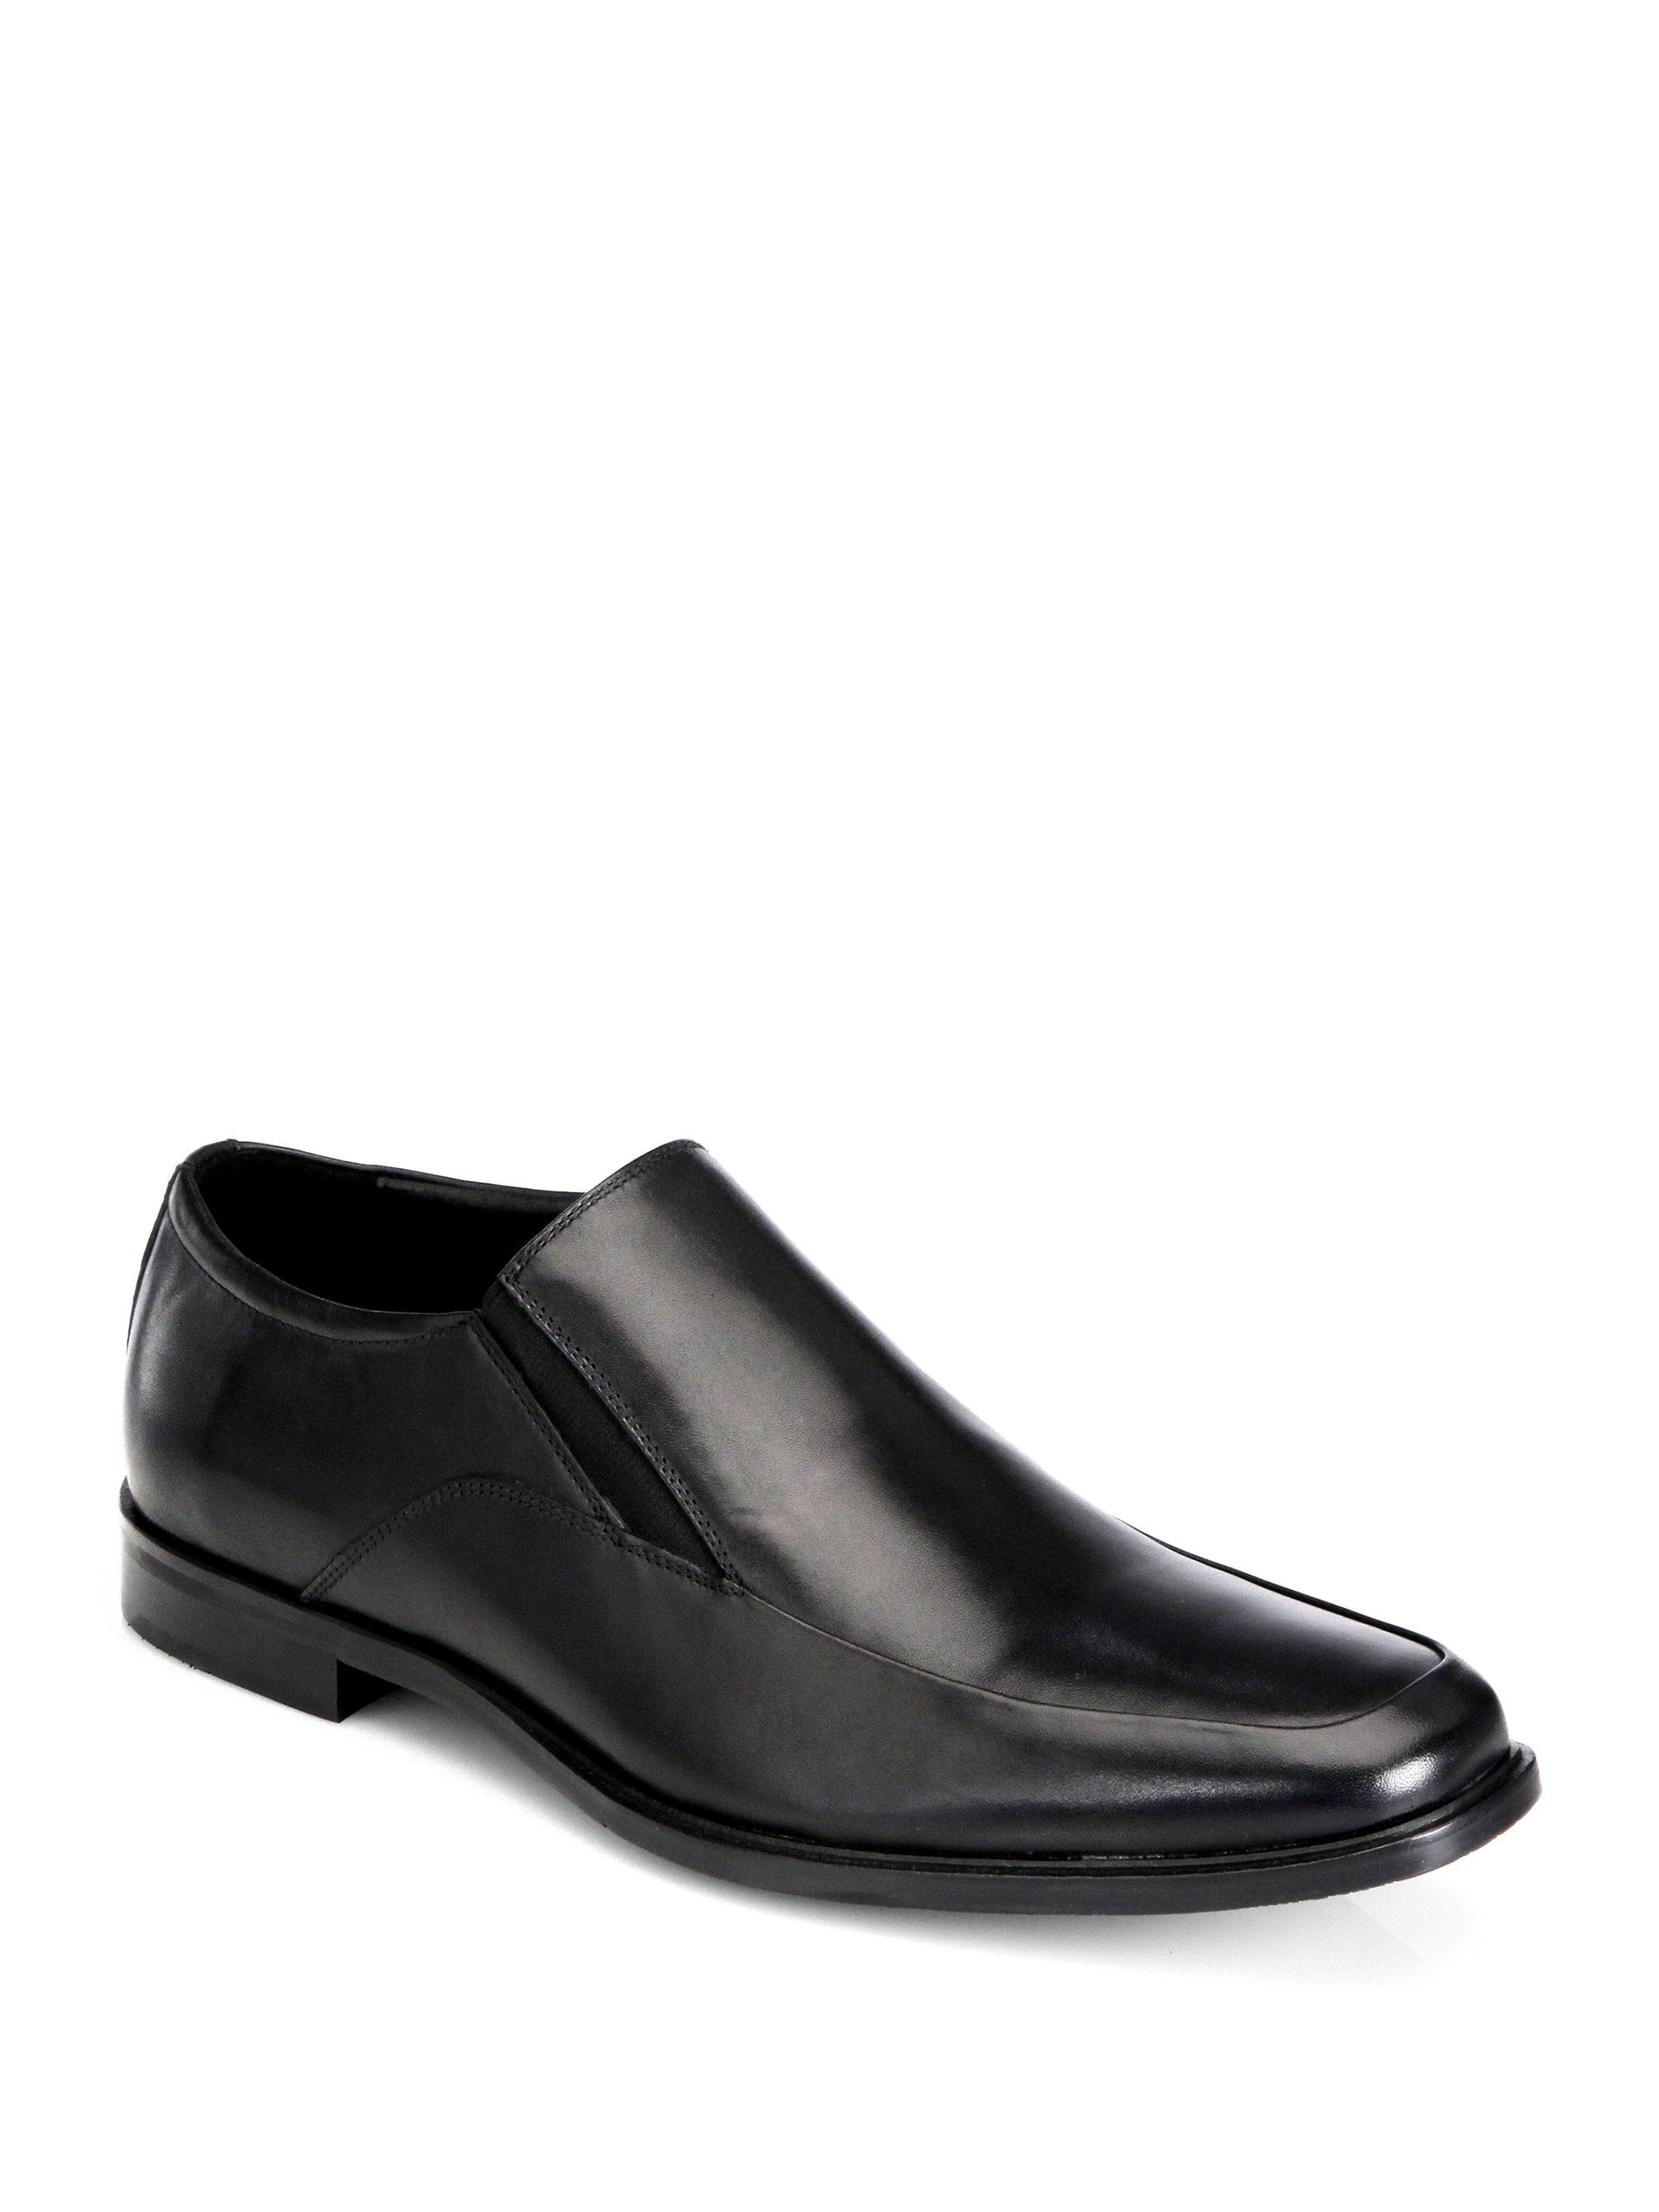 Gordon Rush Black Dress Shoes